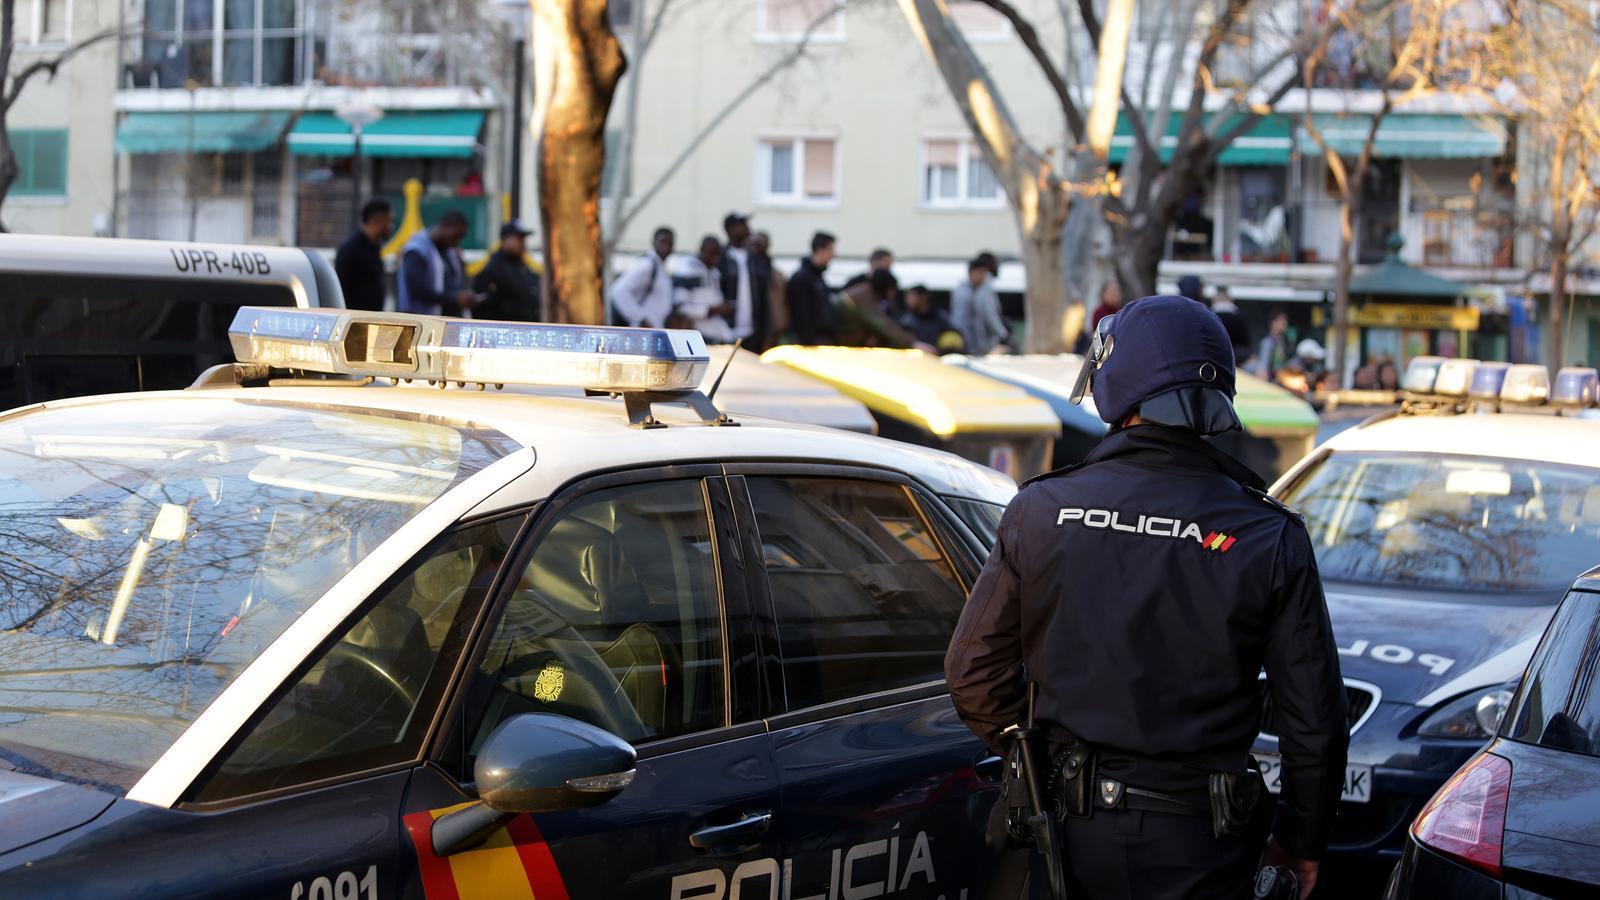 La Policia Nacional duu a terme una operació contra el  narcotràfic a Son Gotleu